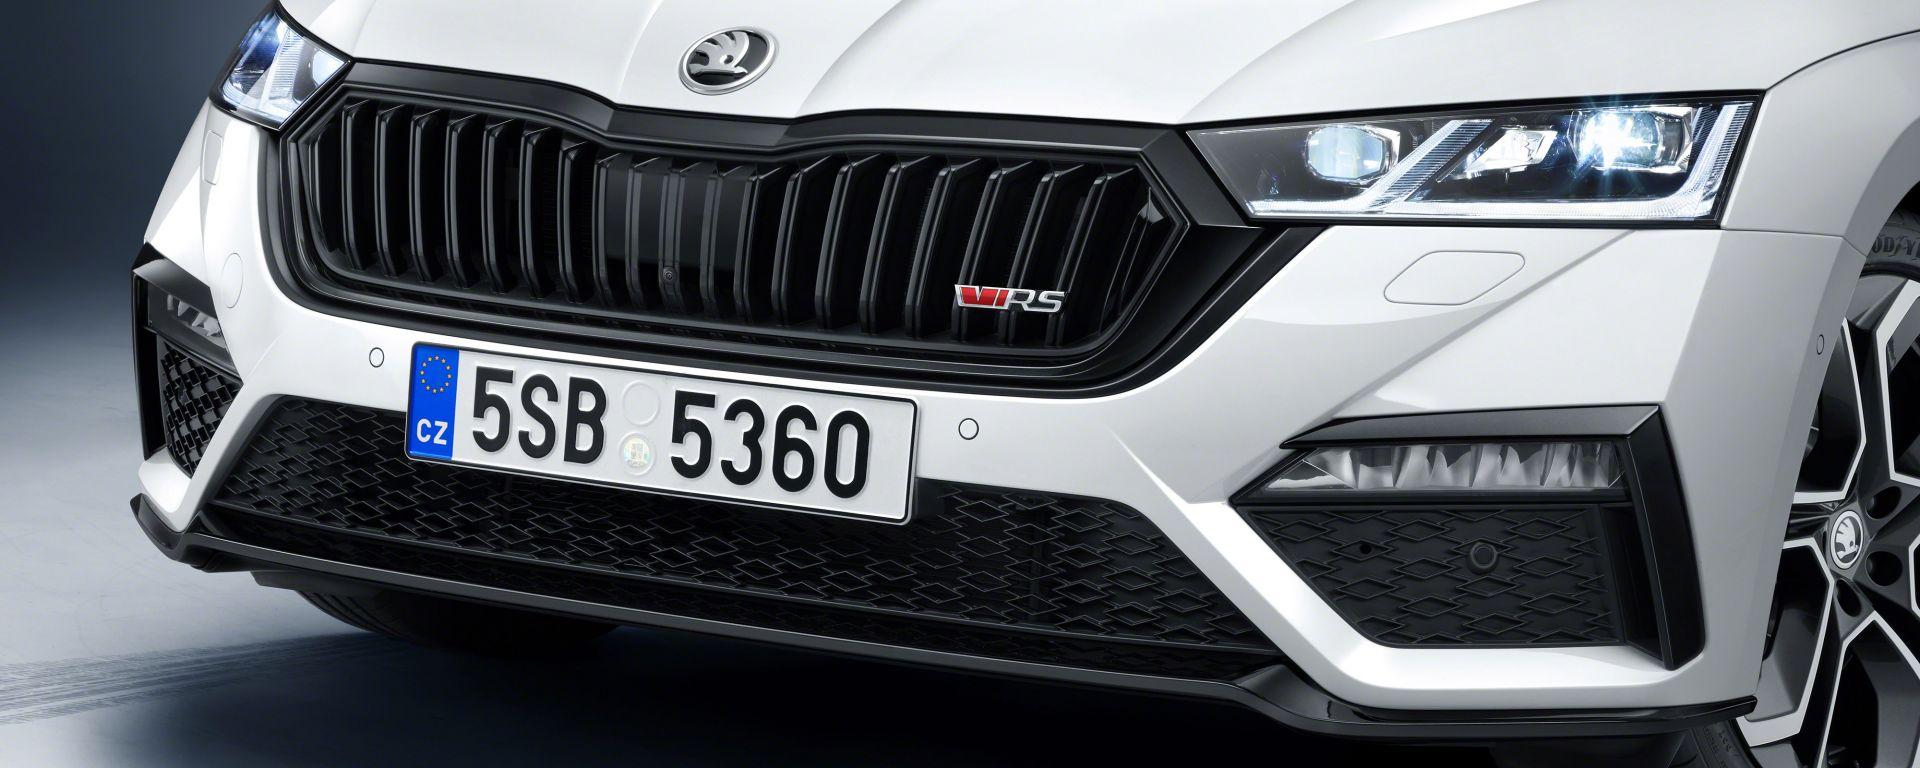 Skoda Octavia Rs Iv 2020 Scheda Tecnica Prezzo E Prestazioni Motorbox